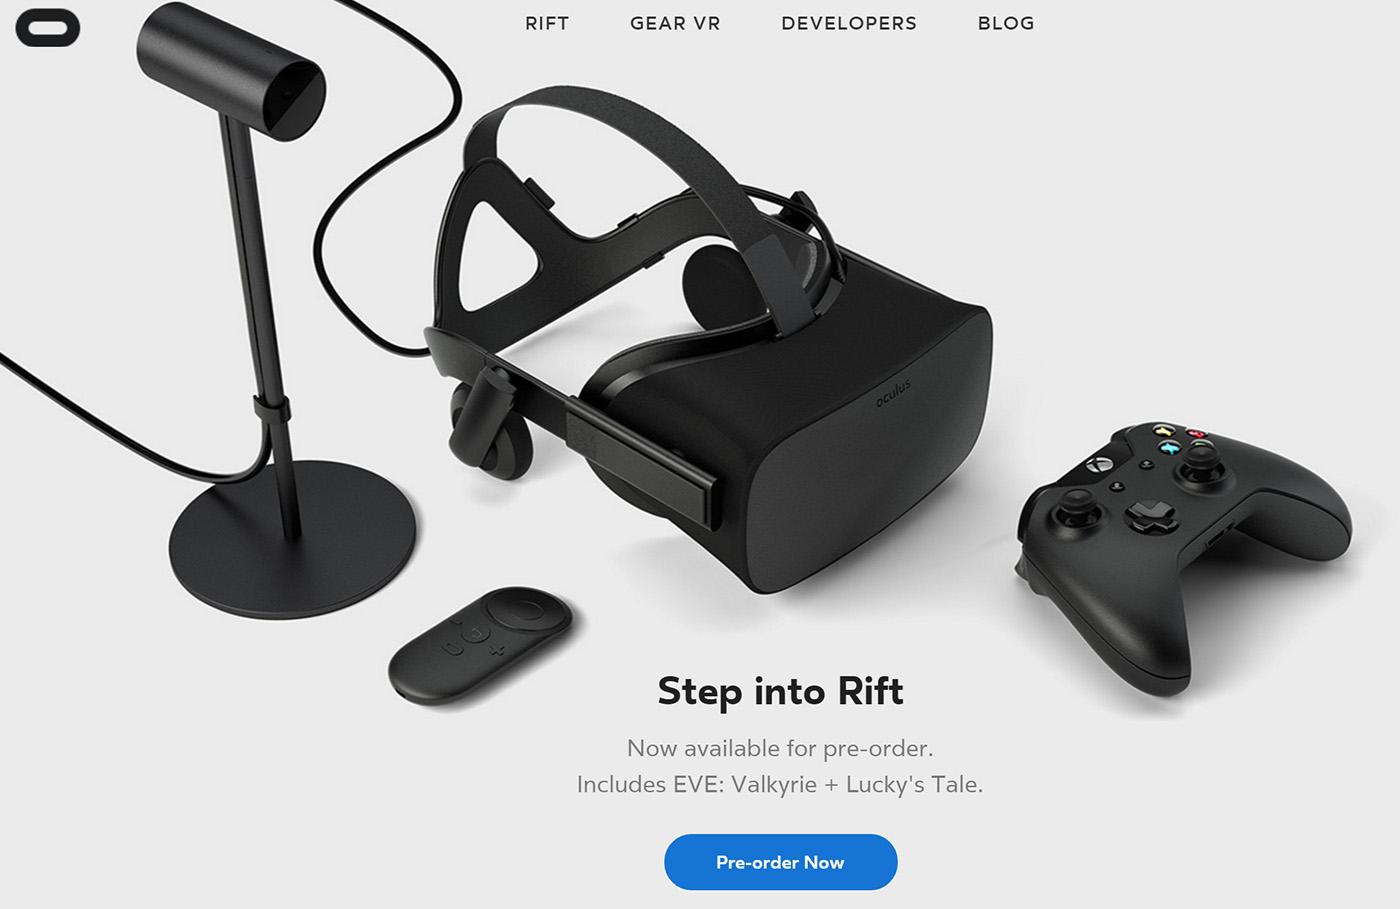 Начался предварительный заказ шлема виртуальной реальности Oculus Rift